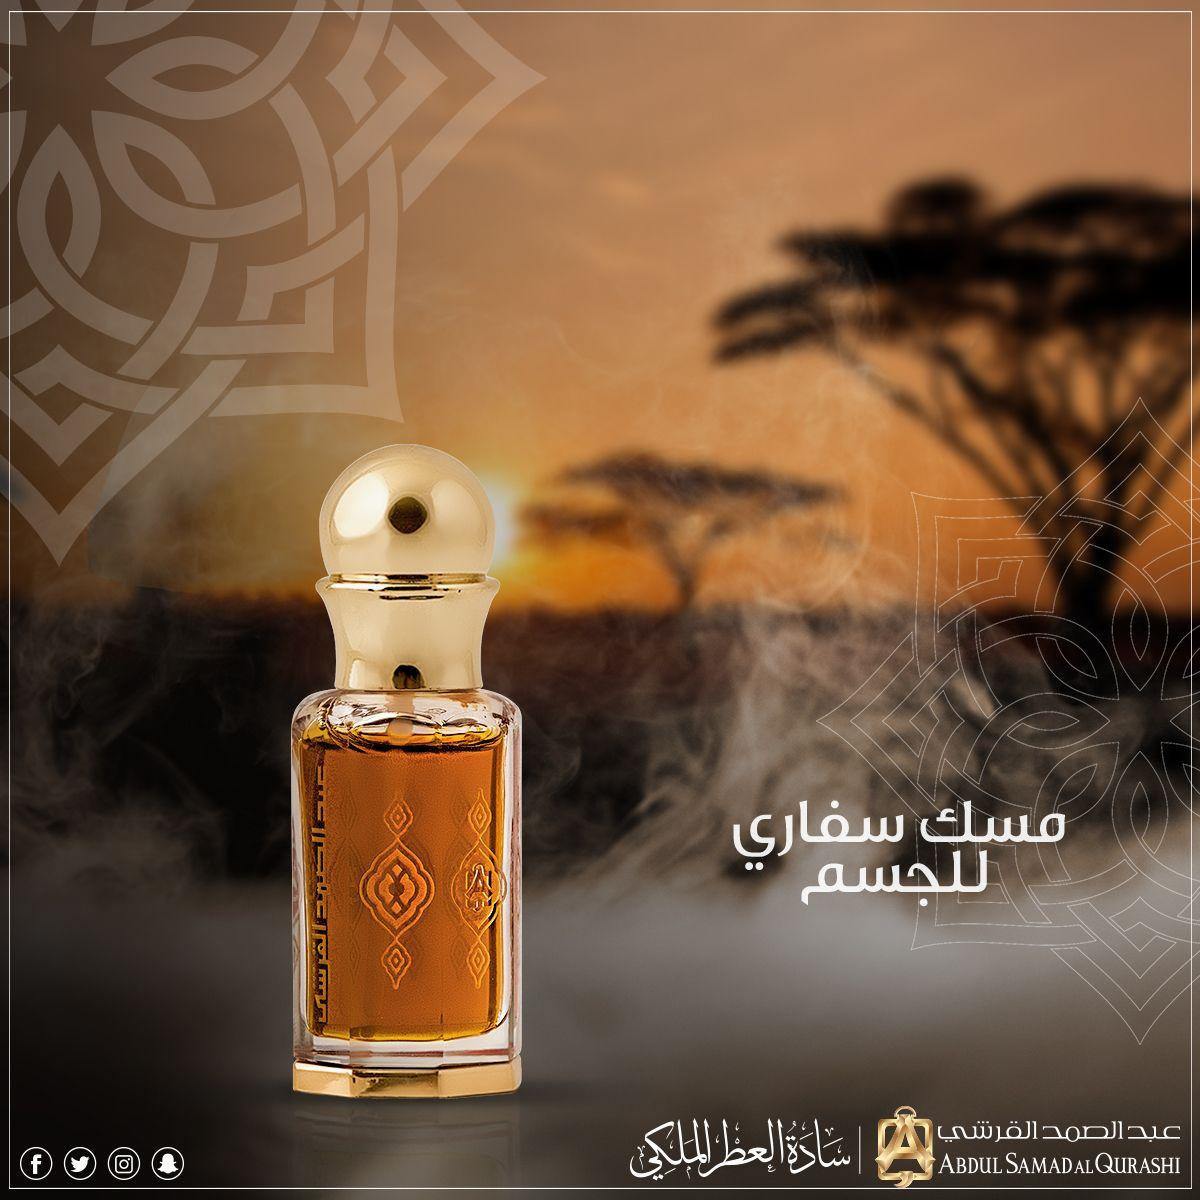 مسك سفاري للجسم تركيبة عطرية فريدة من إنتاج عبدالصمد القرشي تنورونا بزيارتكم Perfume Lover Islamic Art Calligraphy Perfume Bottles